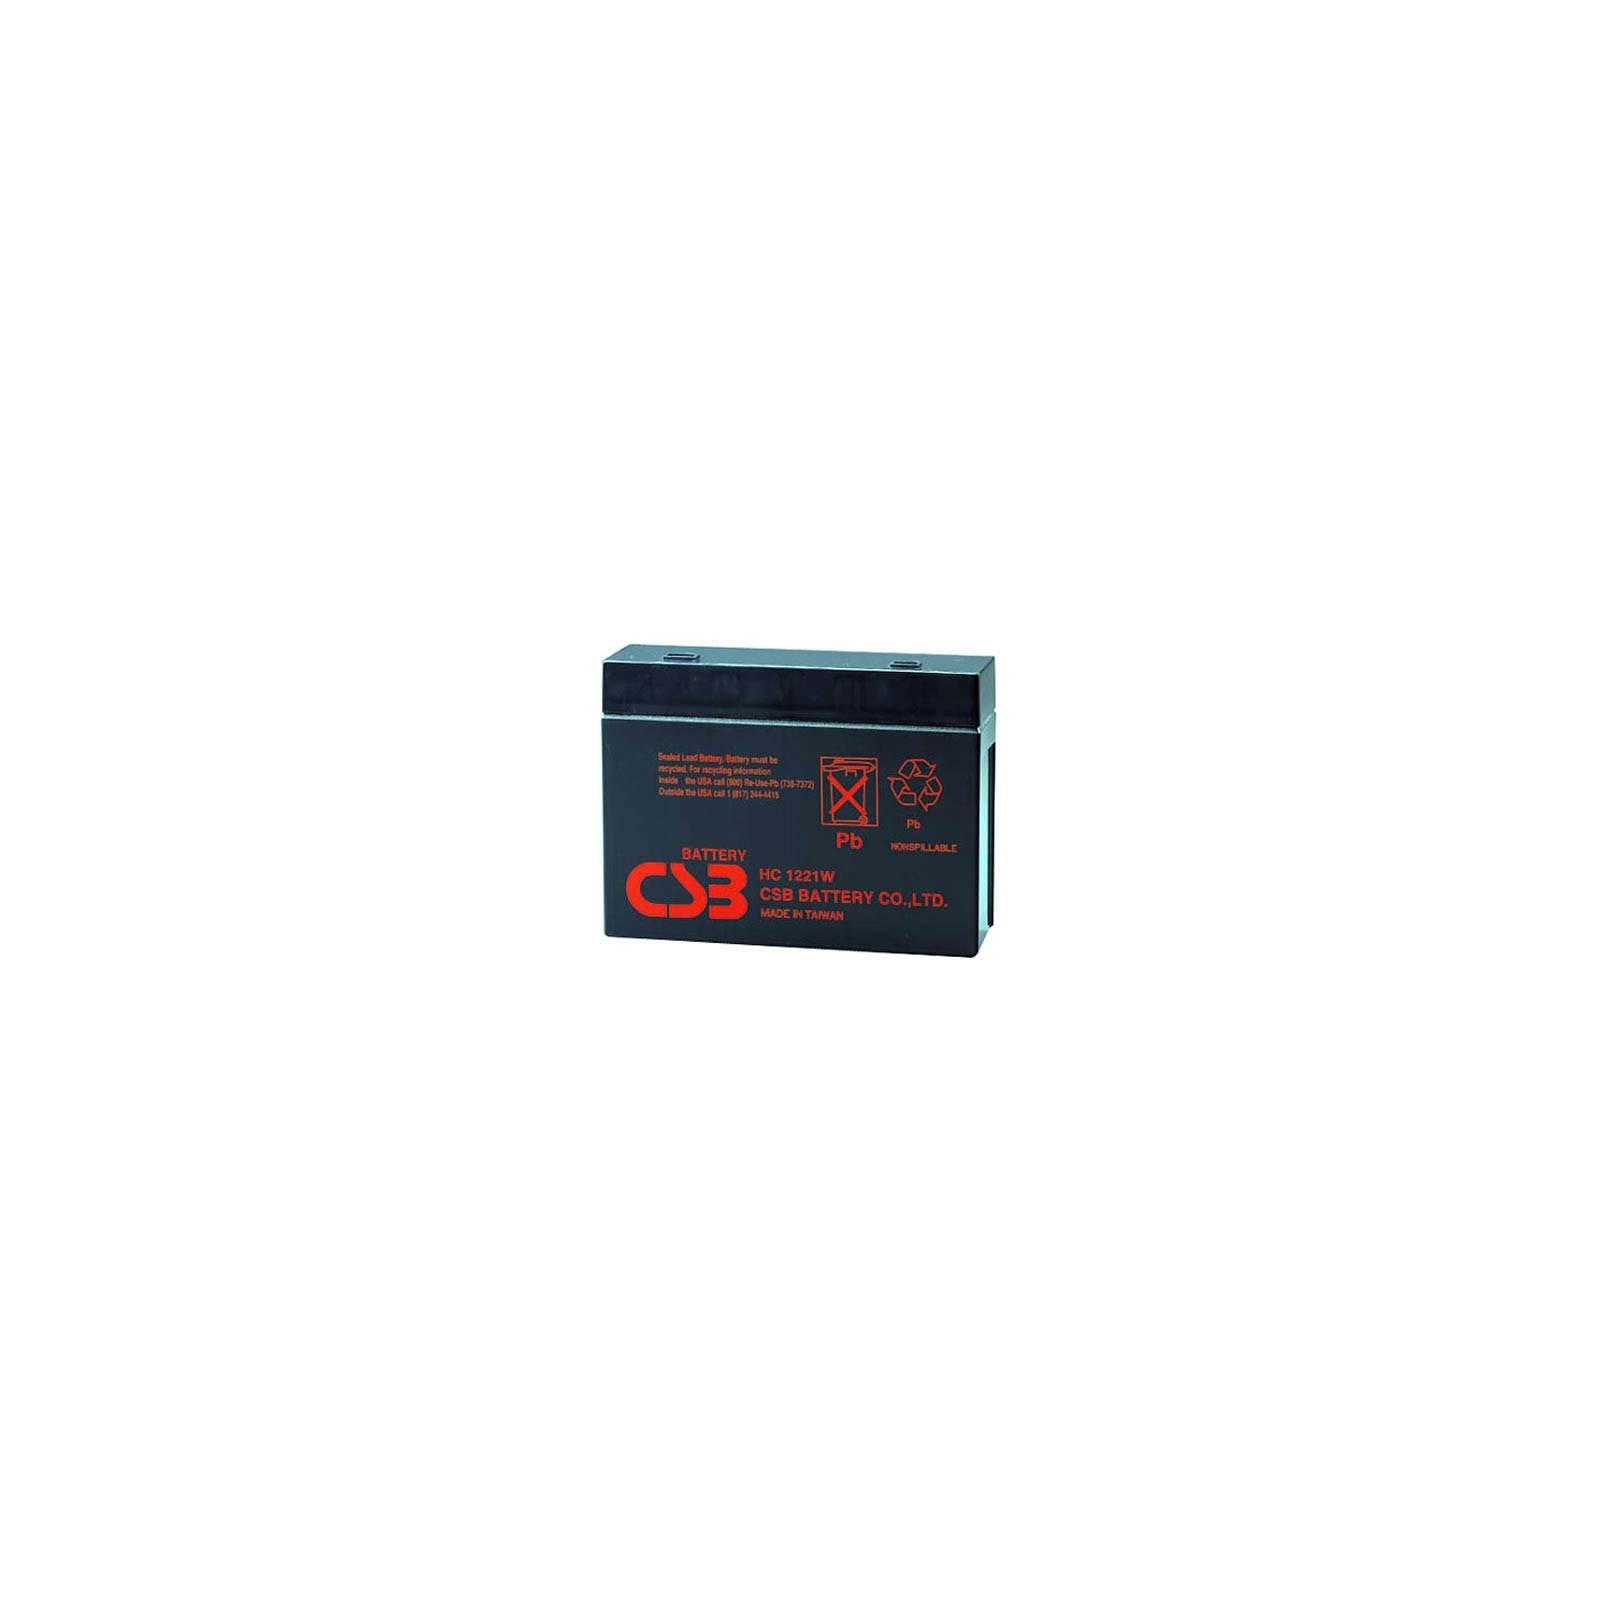 Батарея к ИБП 12В 5 Ач CSB (HC1221W)